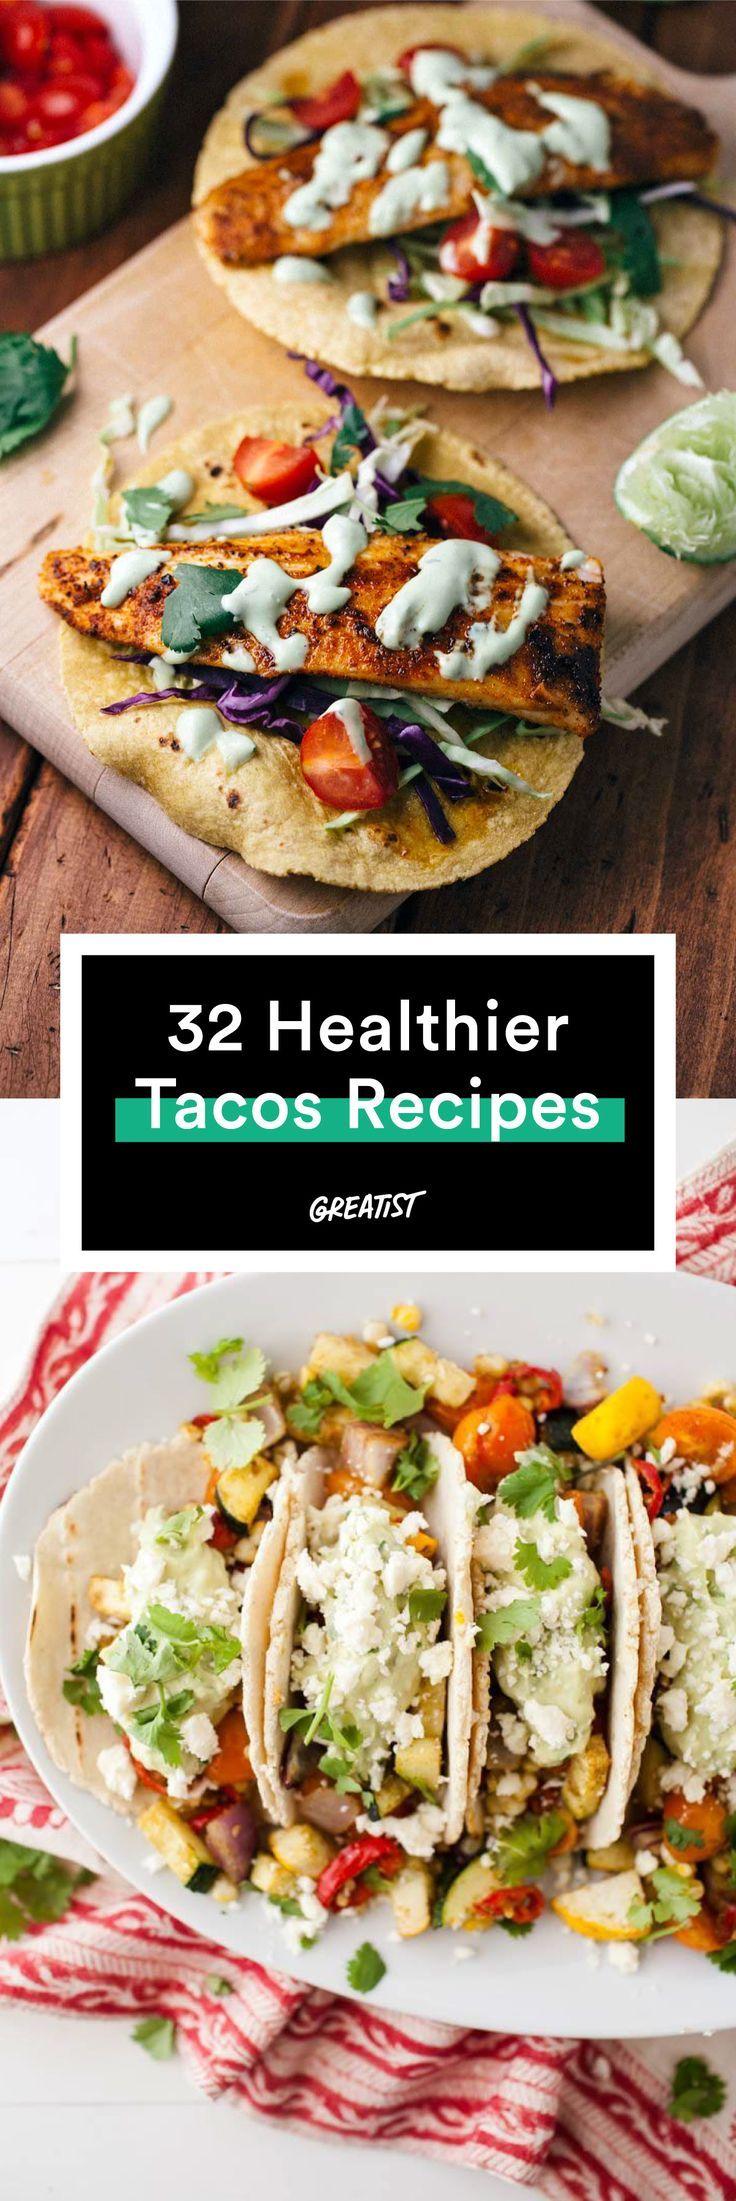 Turn every night into Taco Tuesday. #healthy #taco #recipes http://greatist.com/eat/healthy-taco-recipes